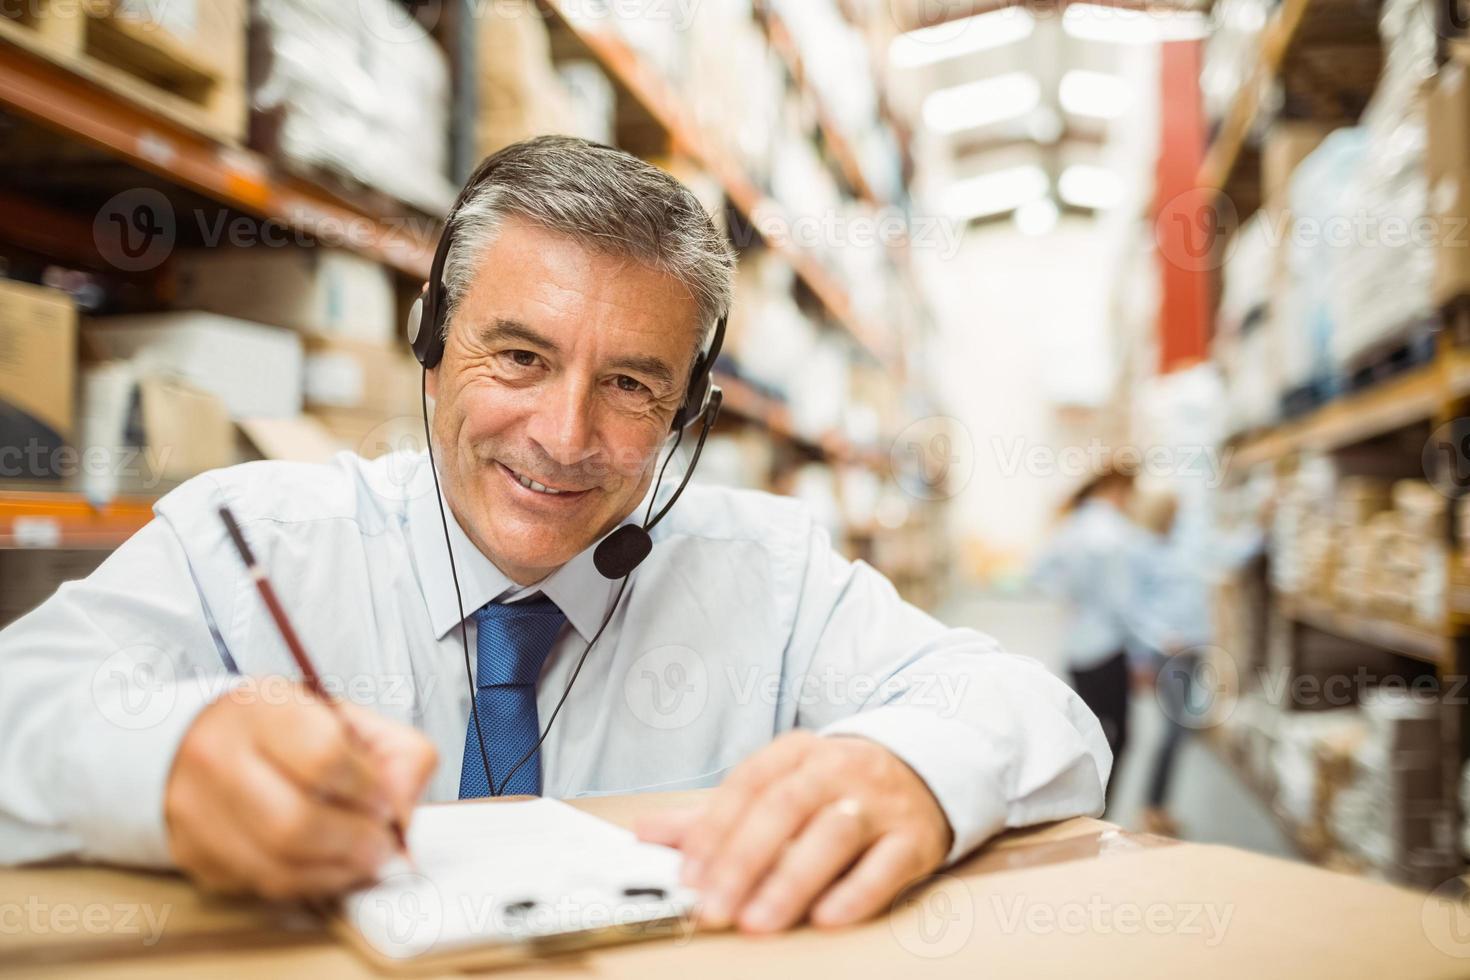 gerente de armazém sorridente, escrevendo na área de transferência foto